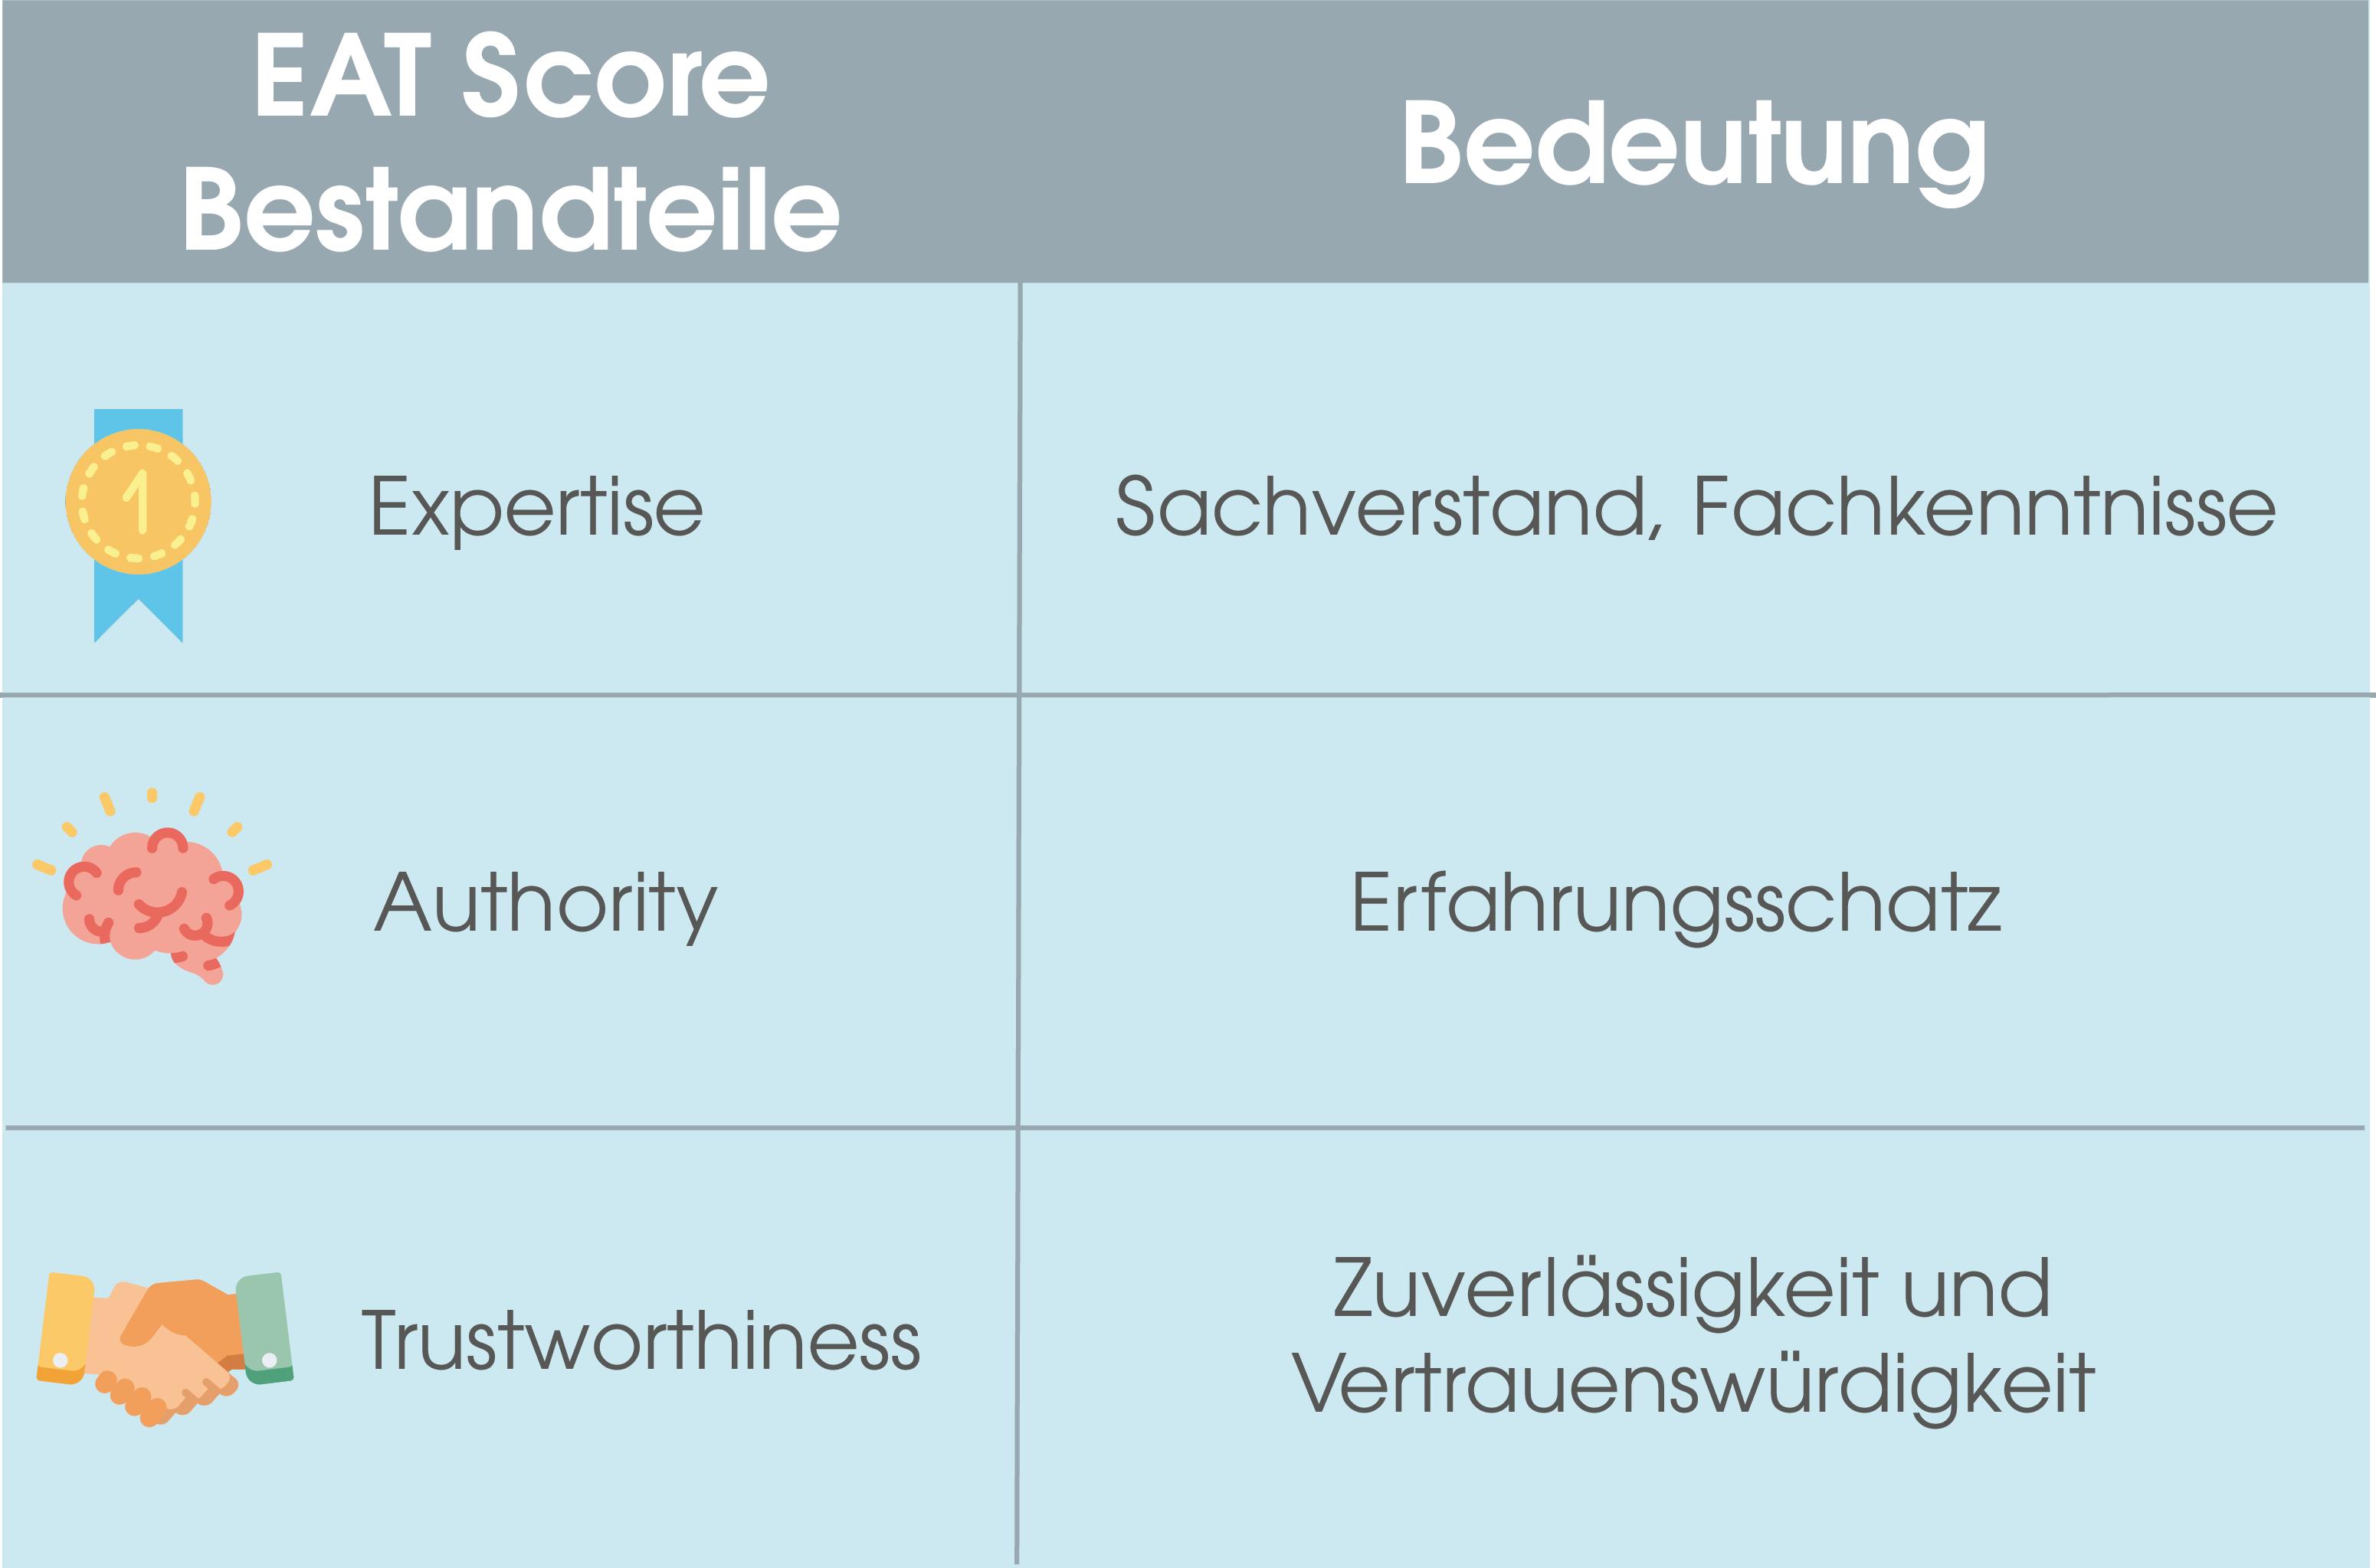 Das Bild zeigt tabellarisch die Bestandteile des EAT-Scores und deren Bedeutung.